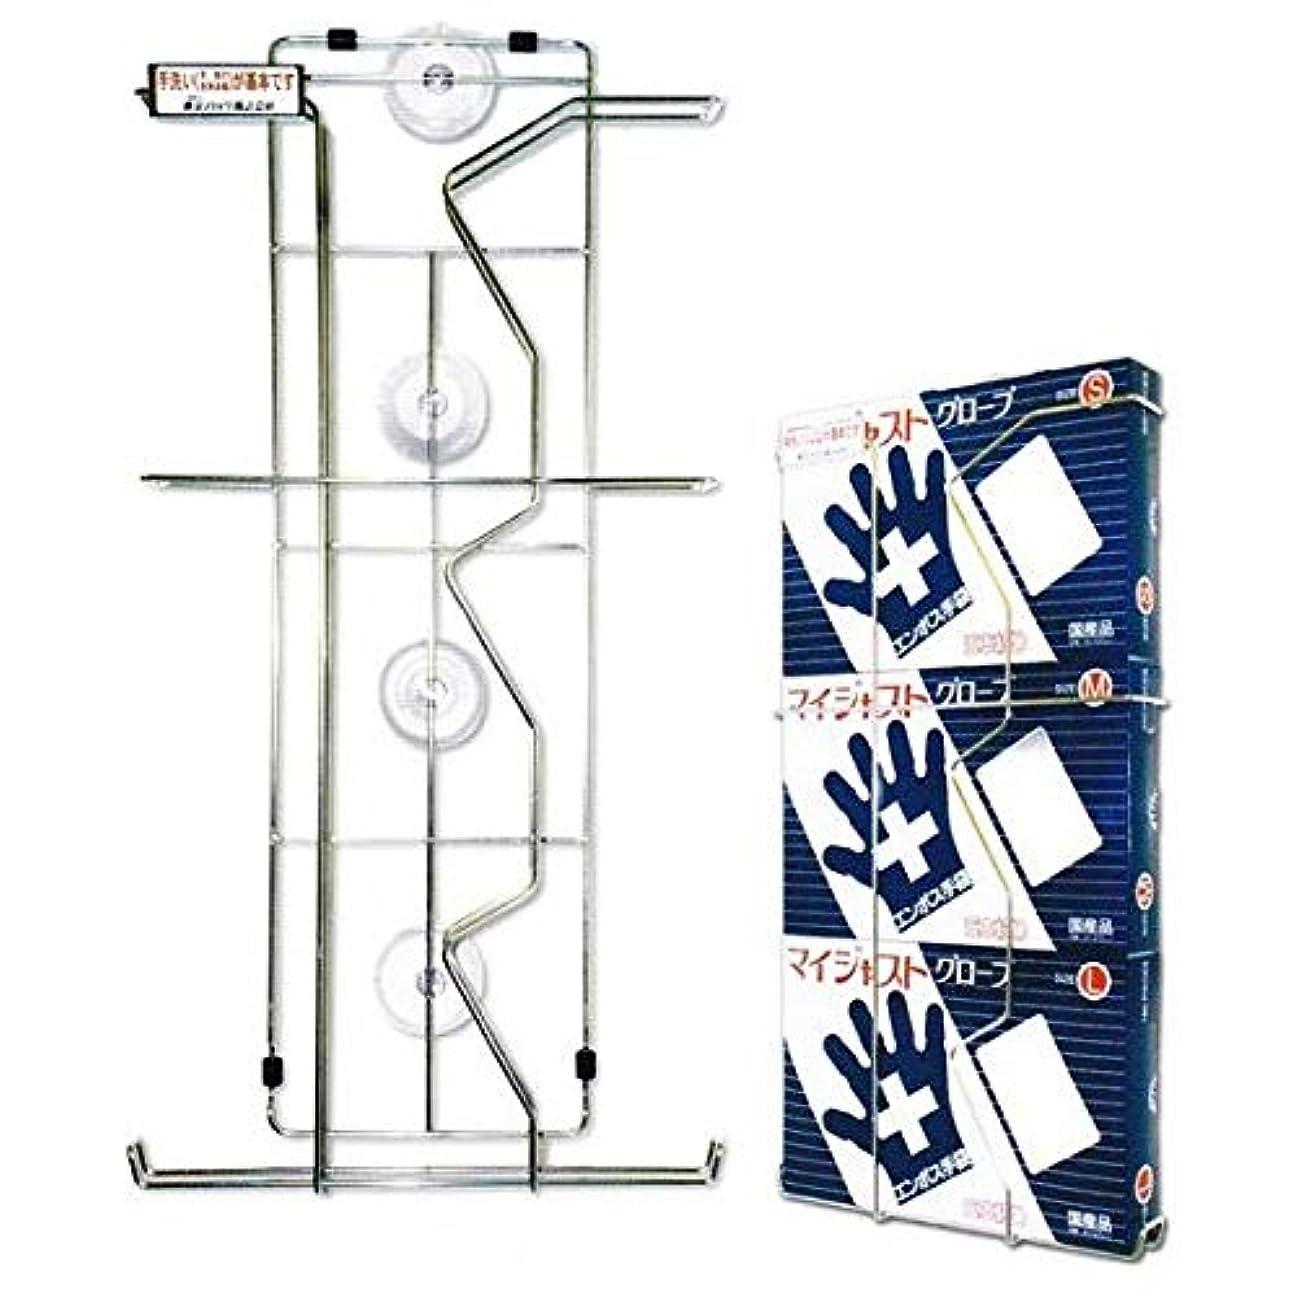 洞察力のあるペニー臨検エンボス手袋化粧箱 専用ハンガーD型 東京パック